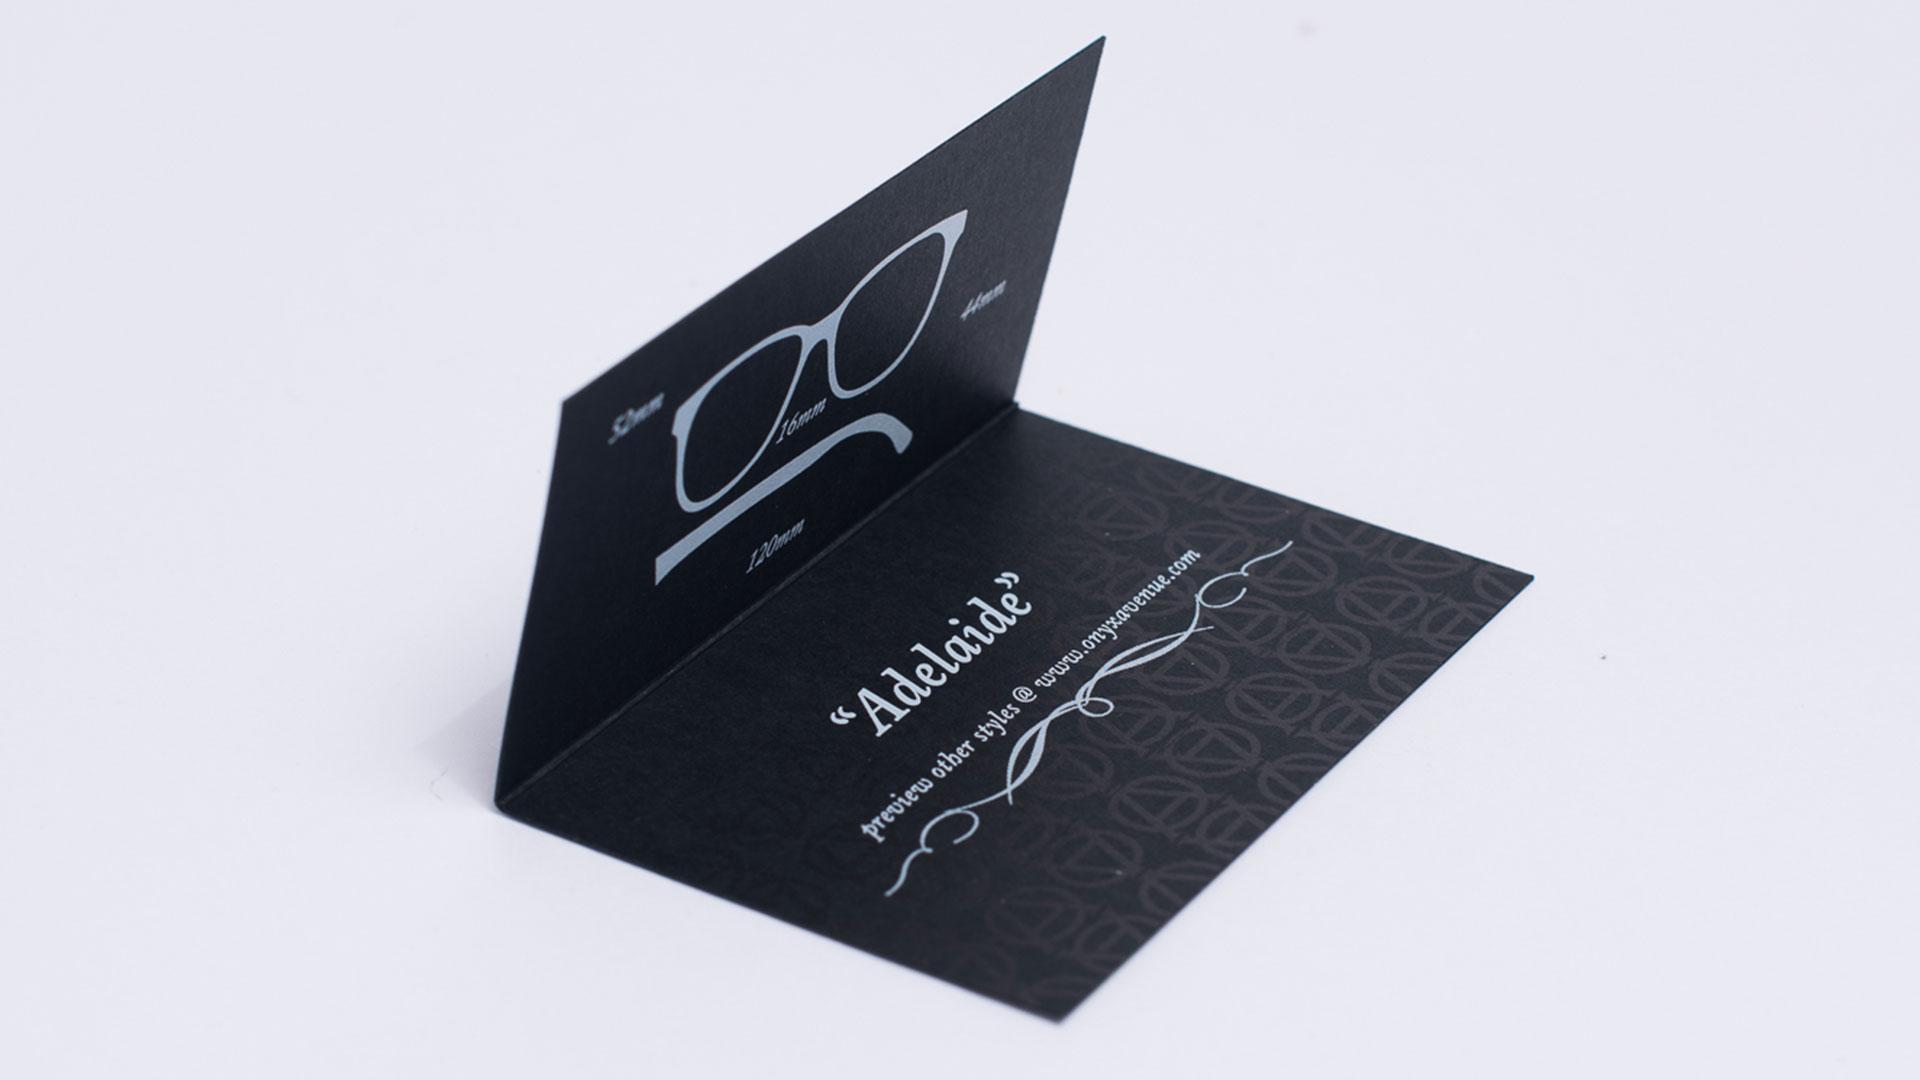 gpa-onyx-4